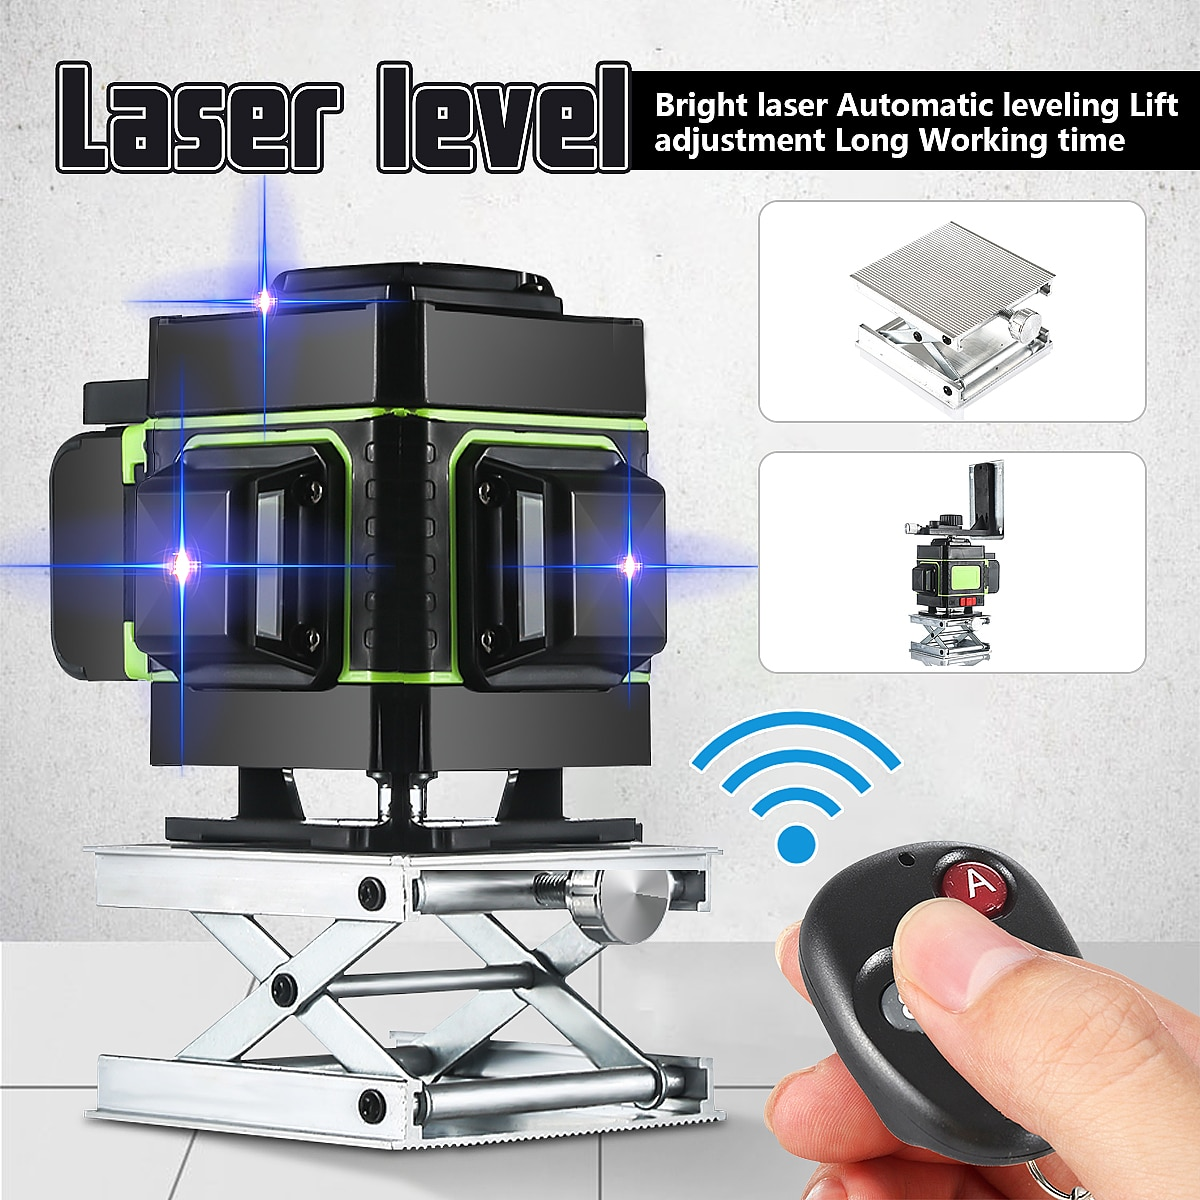 مستوى الليزر ثلاثي الأبعاد ذو 12 سطرًا ذاتي الاستواء ، مستوى ليزر أزرق متقاطع أفقي ورأسي بزاوية 360 درجة مع جهاز تحكم عن بعد